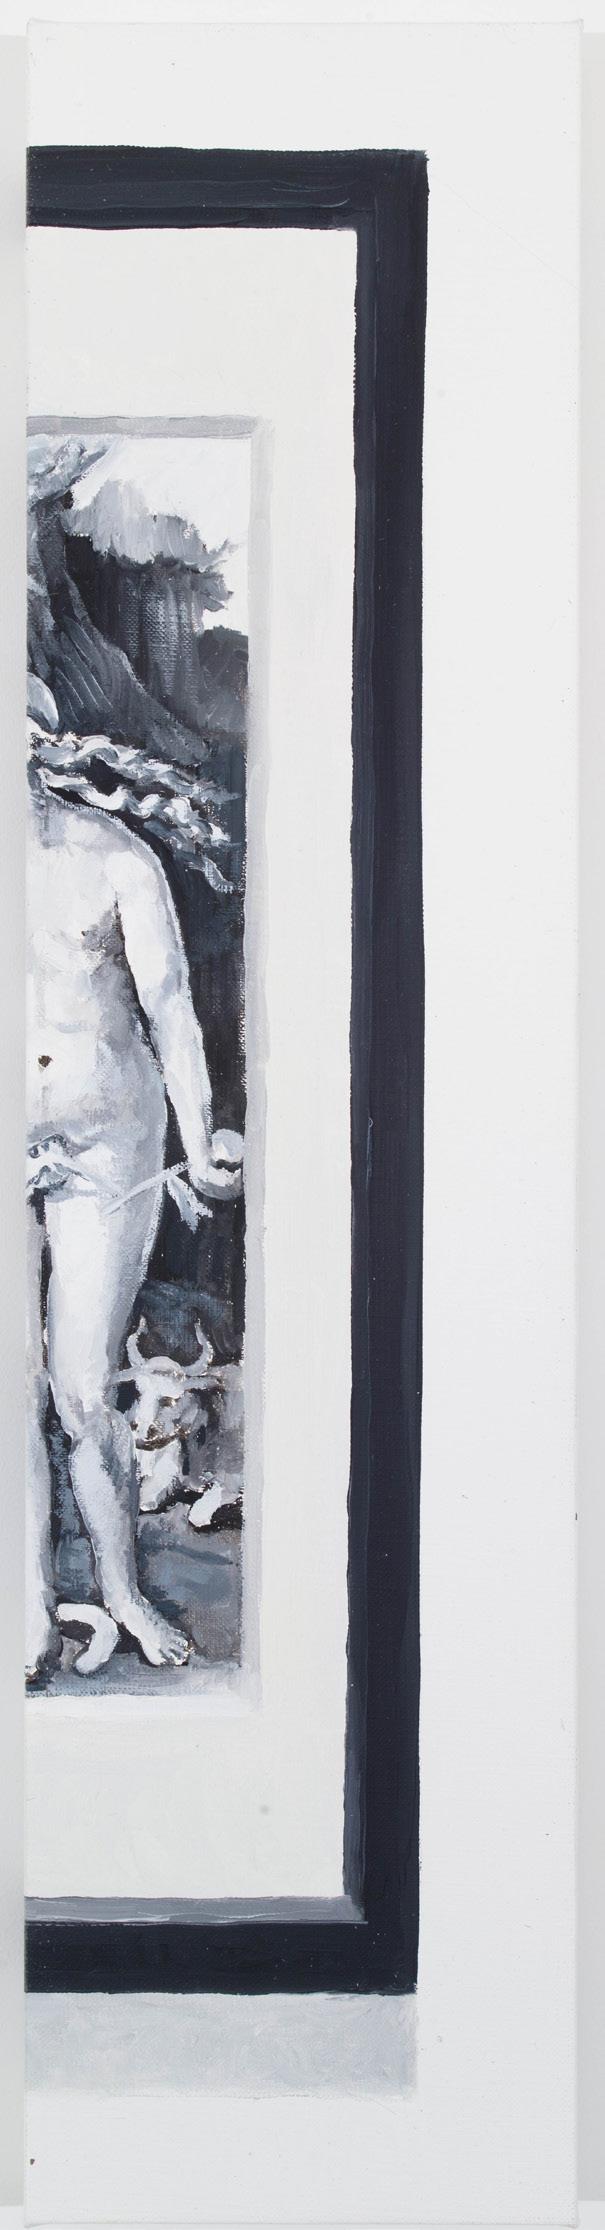 CYNTHIA DAIGNAULT  (1978), This is the end, and beautiful friend, 2012, óleo sobre tela, 60.9 x 15.24, cortesía de la artista y de Lisa Cooley, Nueva York